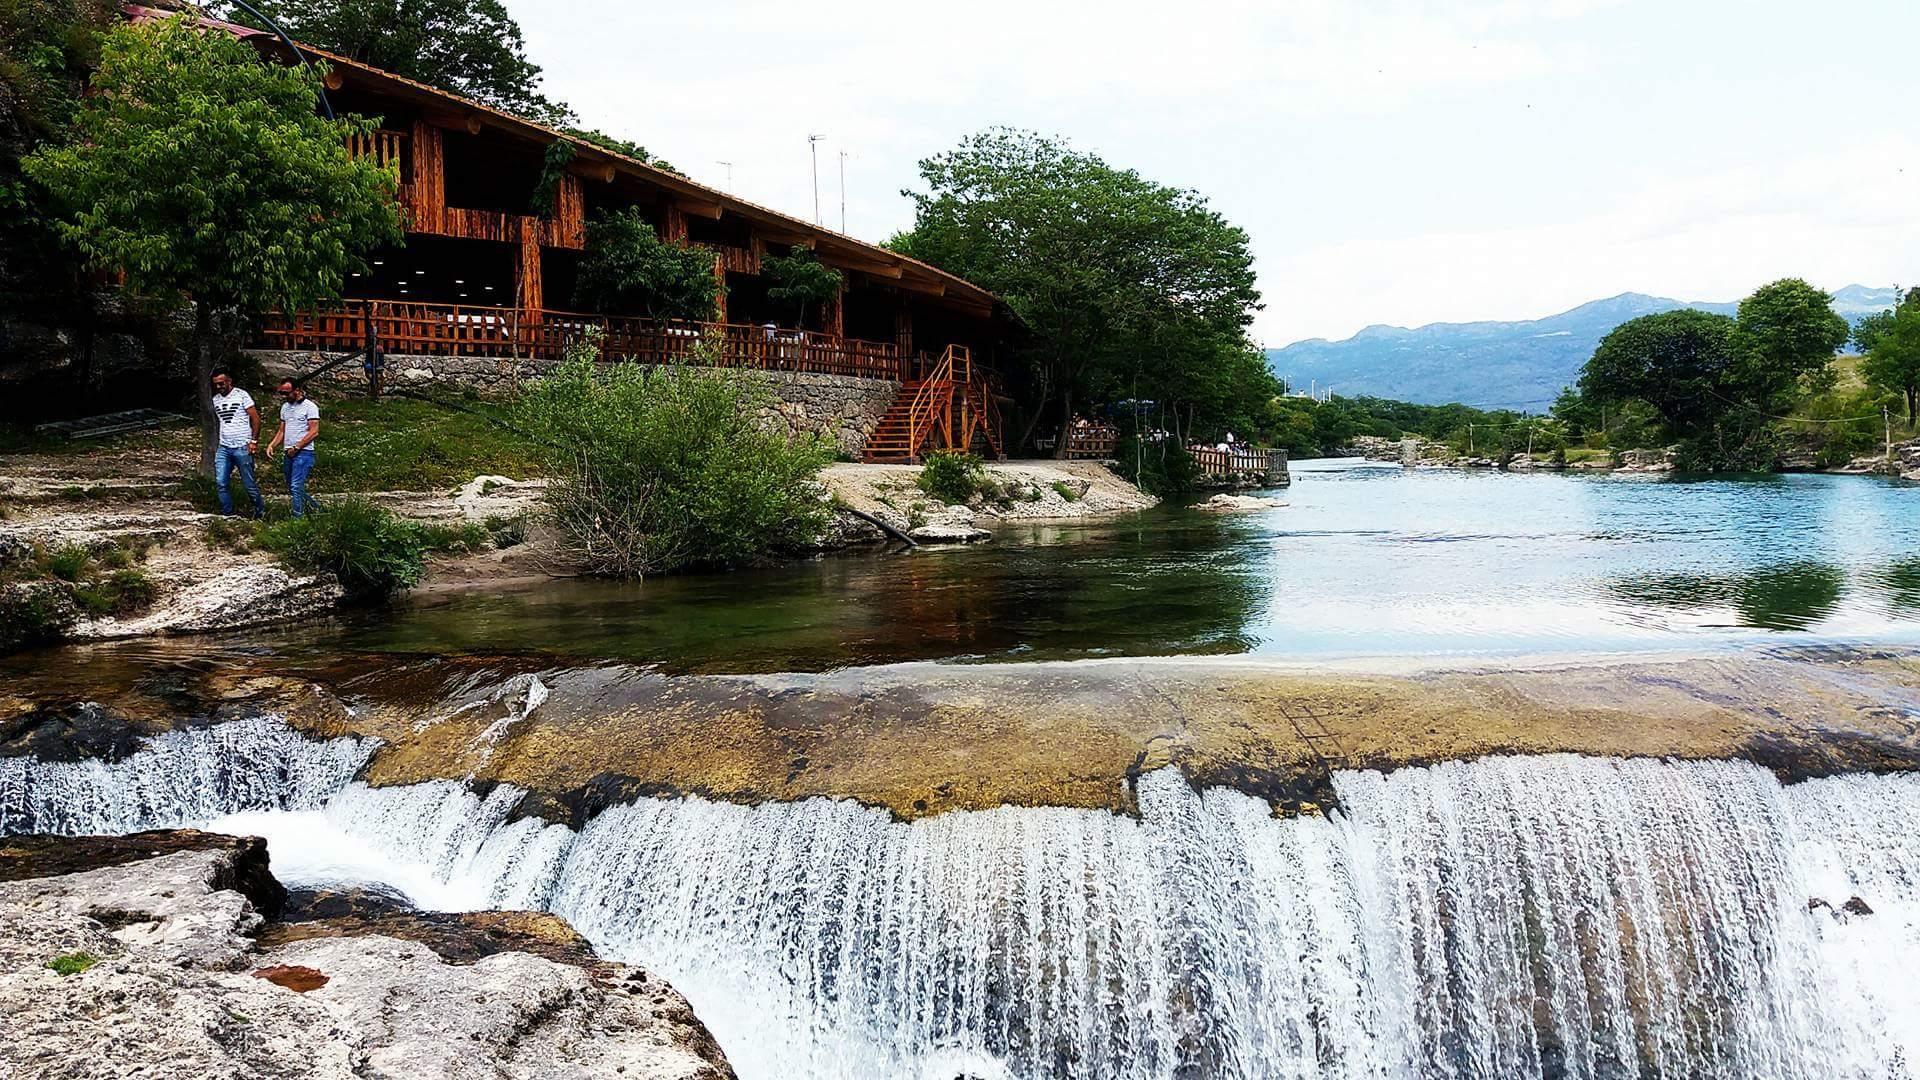 Rzeka Cem i wodospad Niagara w Czarnogórze.